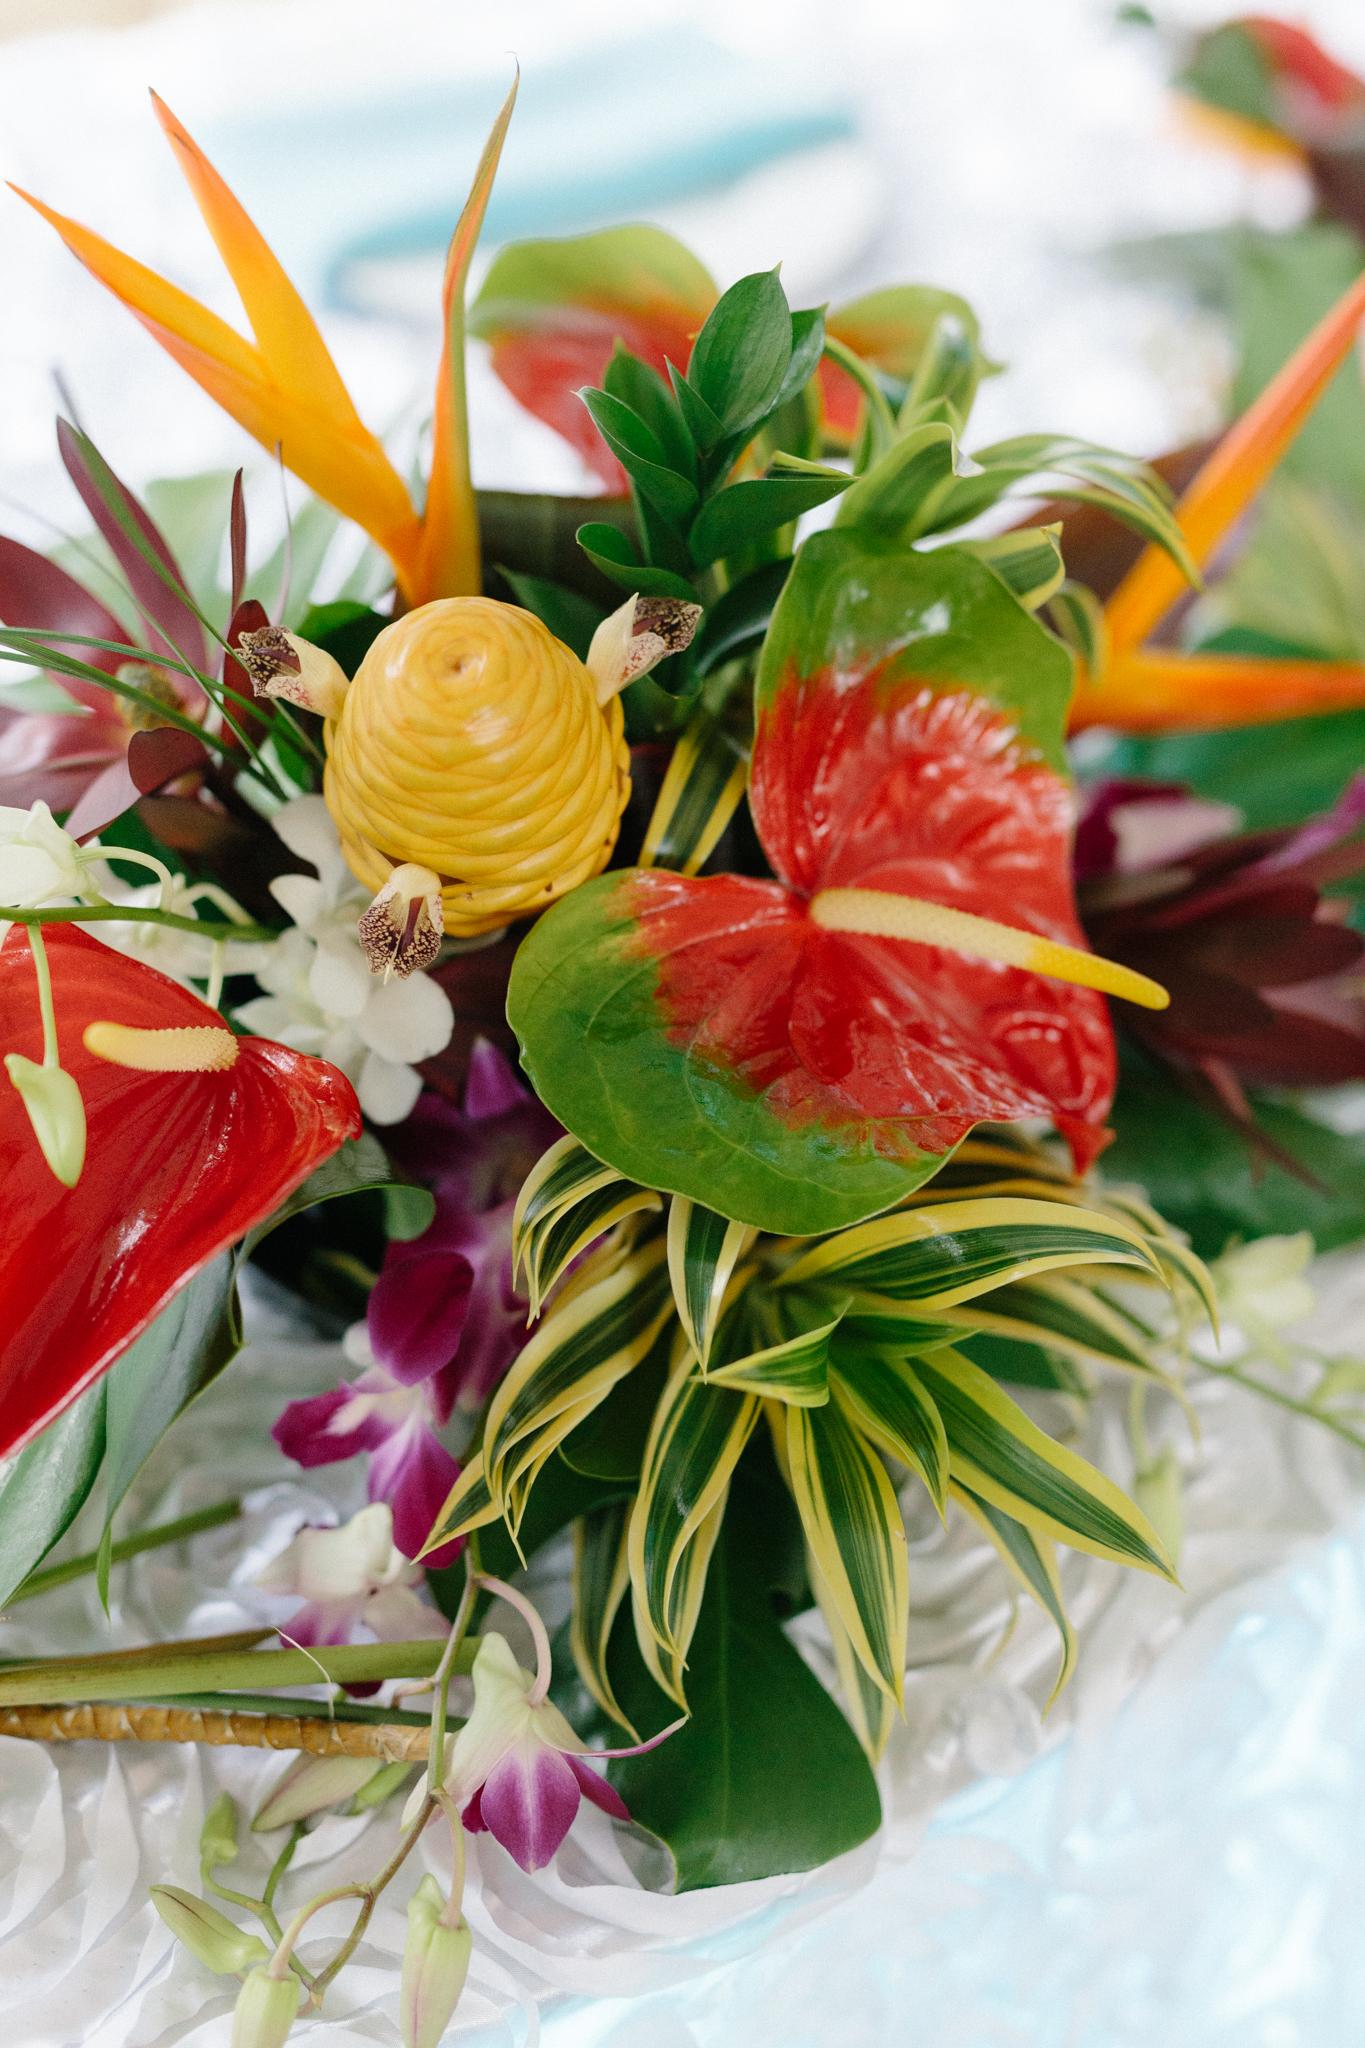 kualoa_ranch_wedding_photography_tone_hawaii-75.jpg